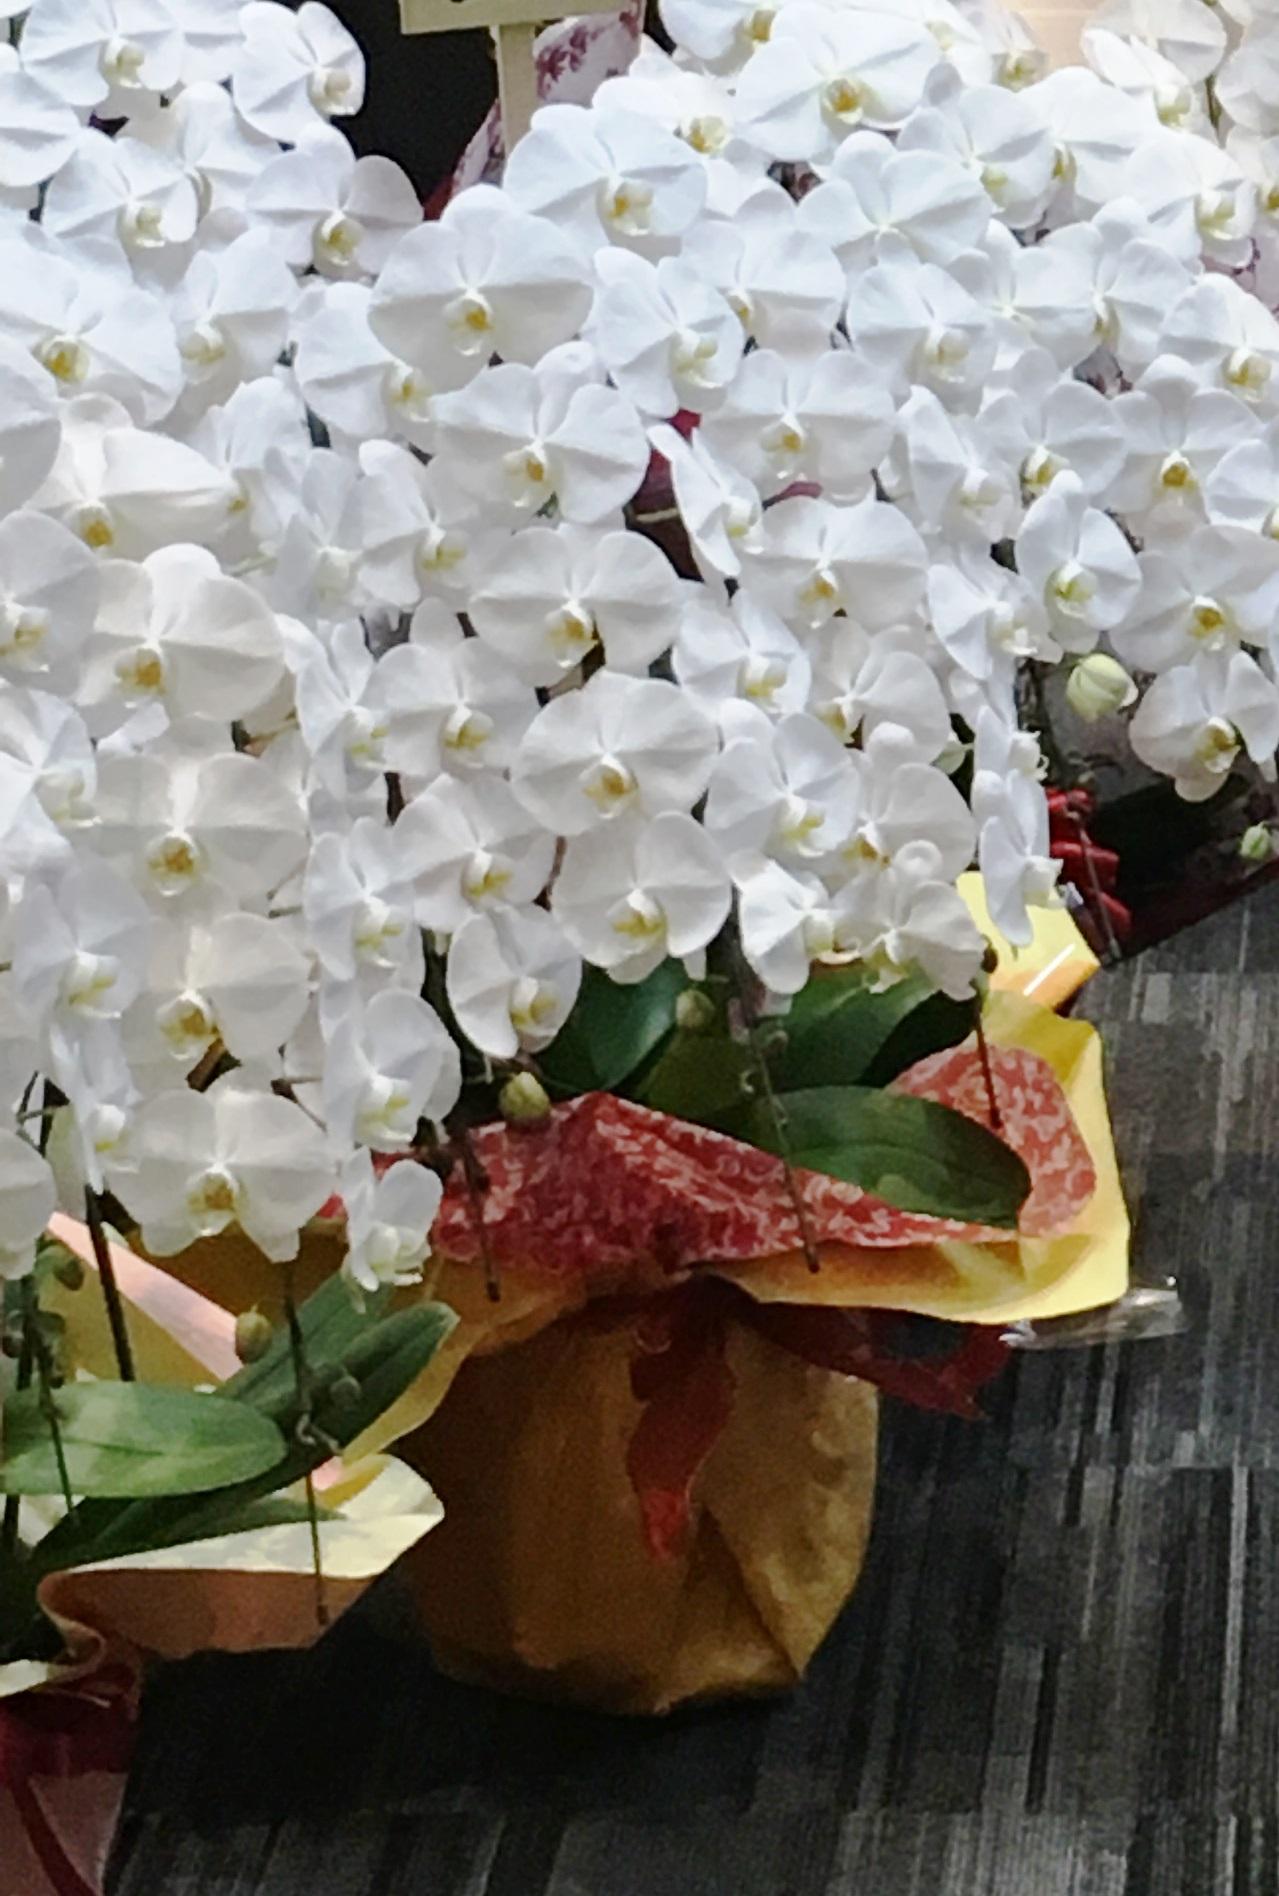 【ナオ花屋の納品事例238】横浜ランドマークタワーの法人企業様へ胡蝶蘭を即日当日配達しました!